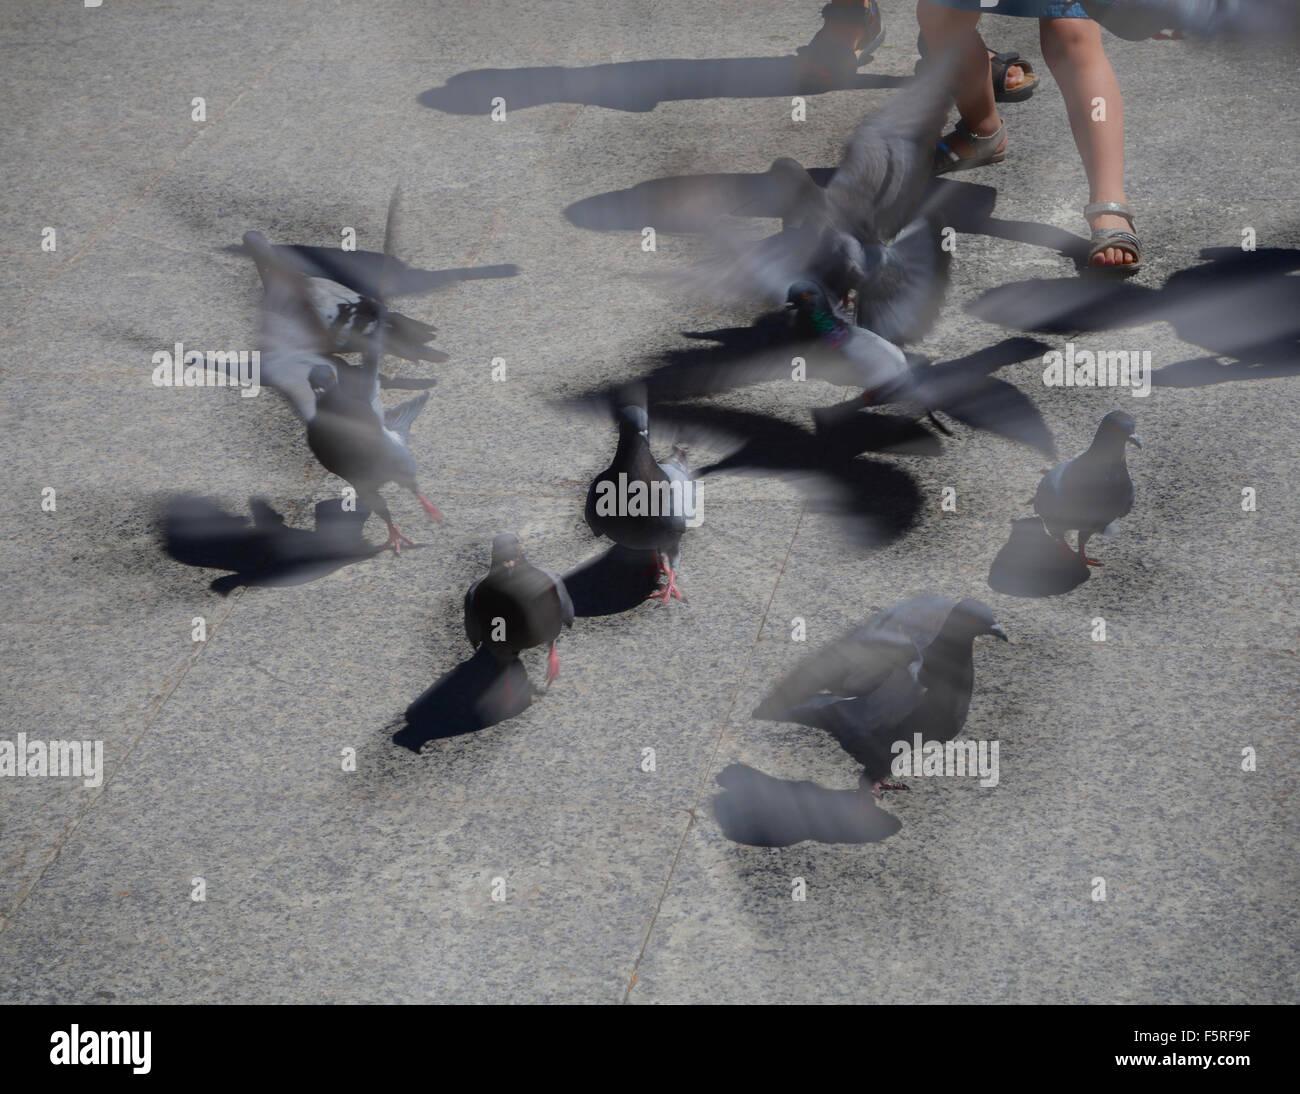 Bambini chase piccioni e di volare fino in tutte le direzioni, ali che sbattono come queste disperdono Immagini Stock